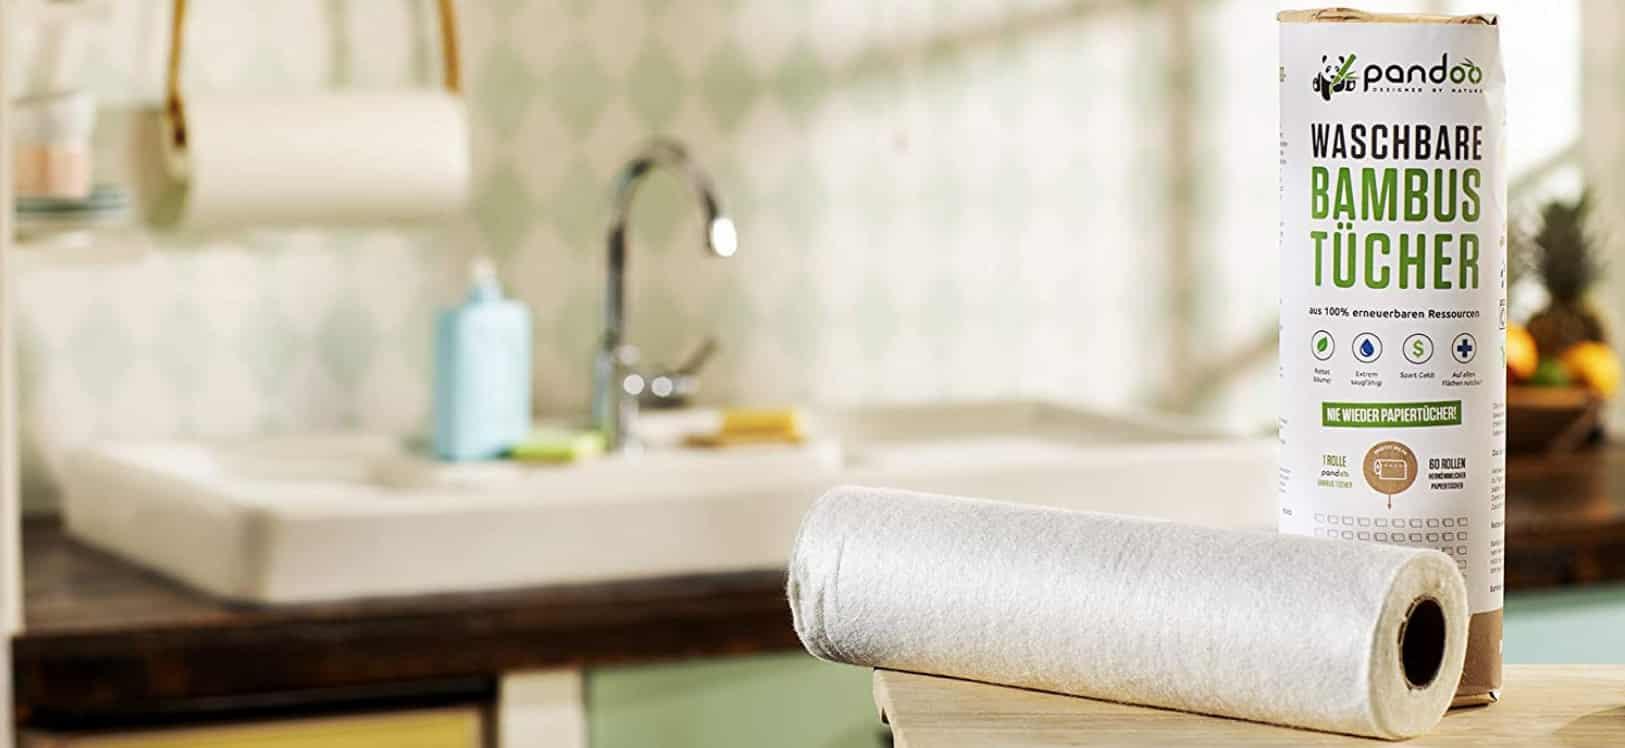 Comparatif pour choisir le meilleur essuie tout lavable